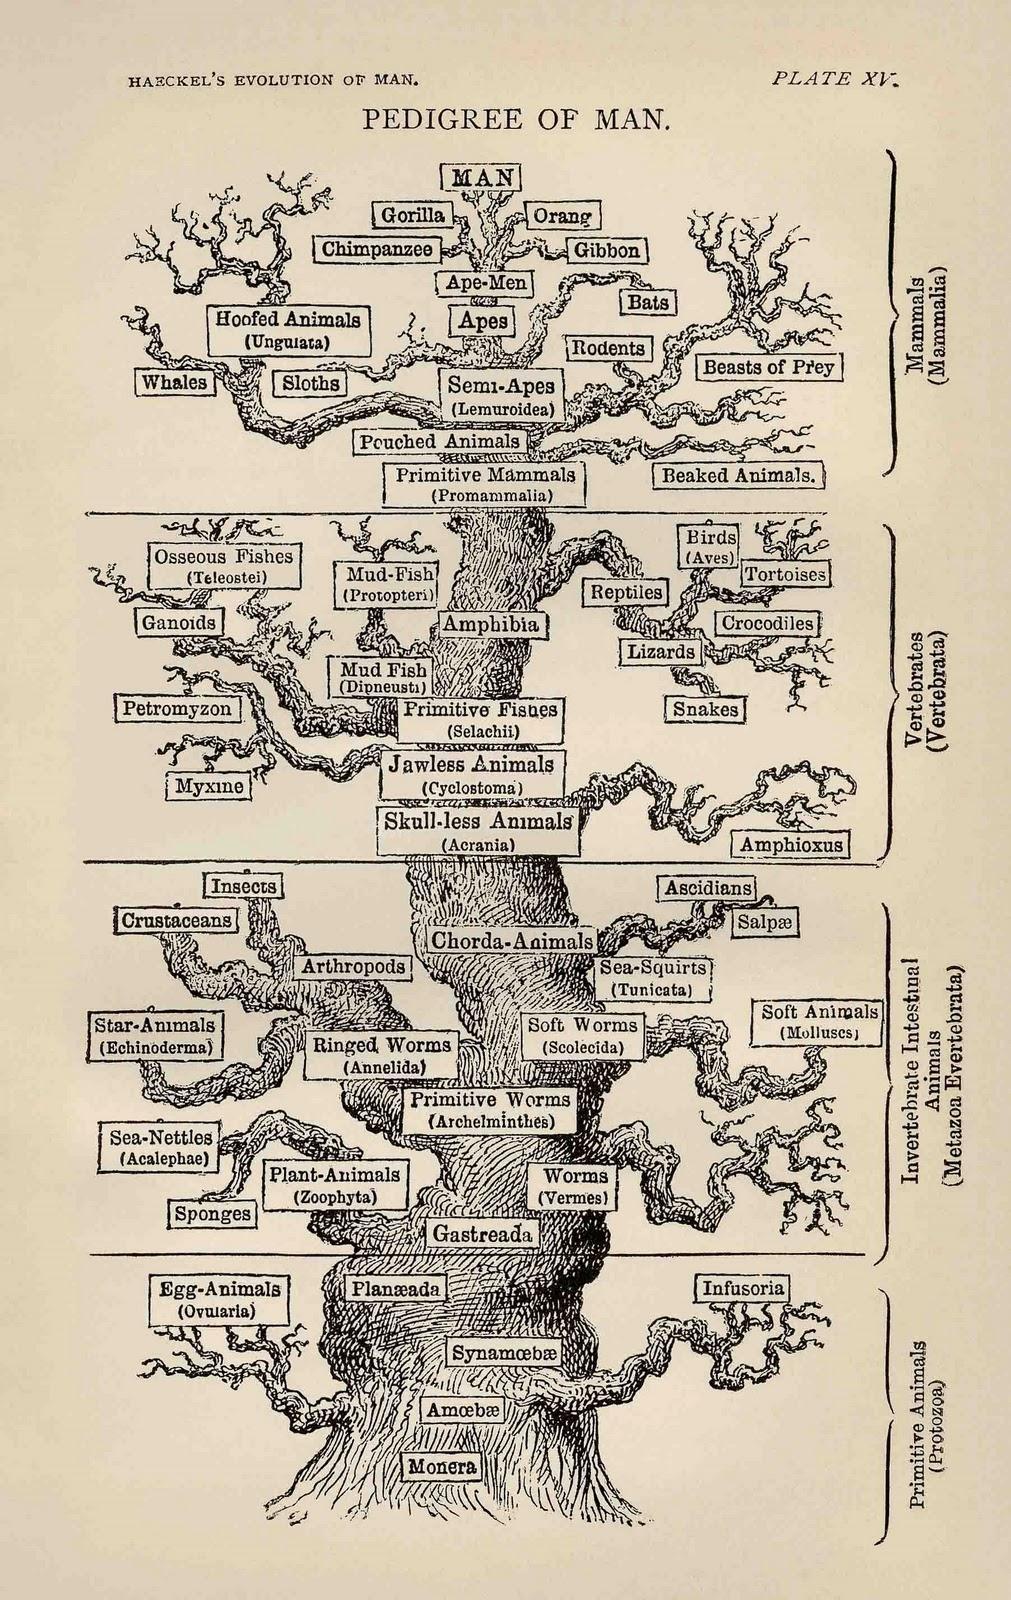 Arbre dels ascendents del home, segons Haeckel al 1874